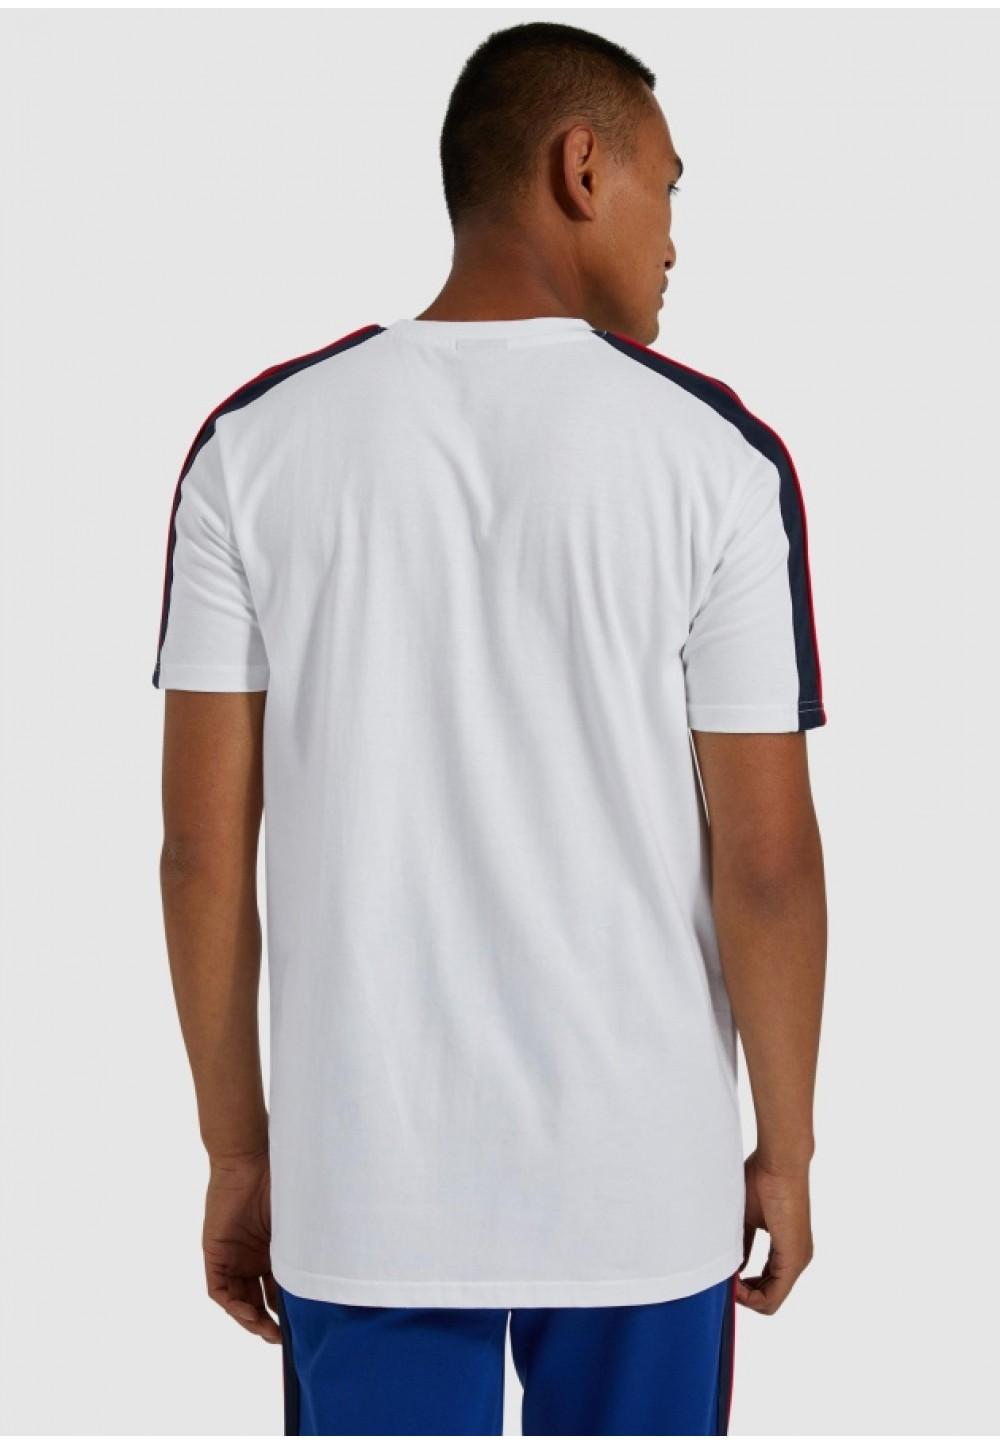 Хлопковая футболка с логотипом